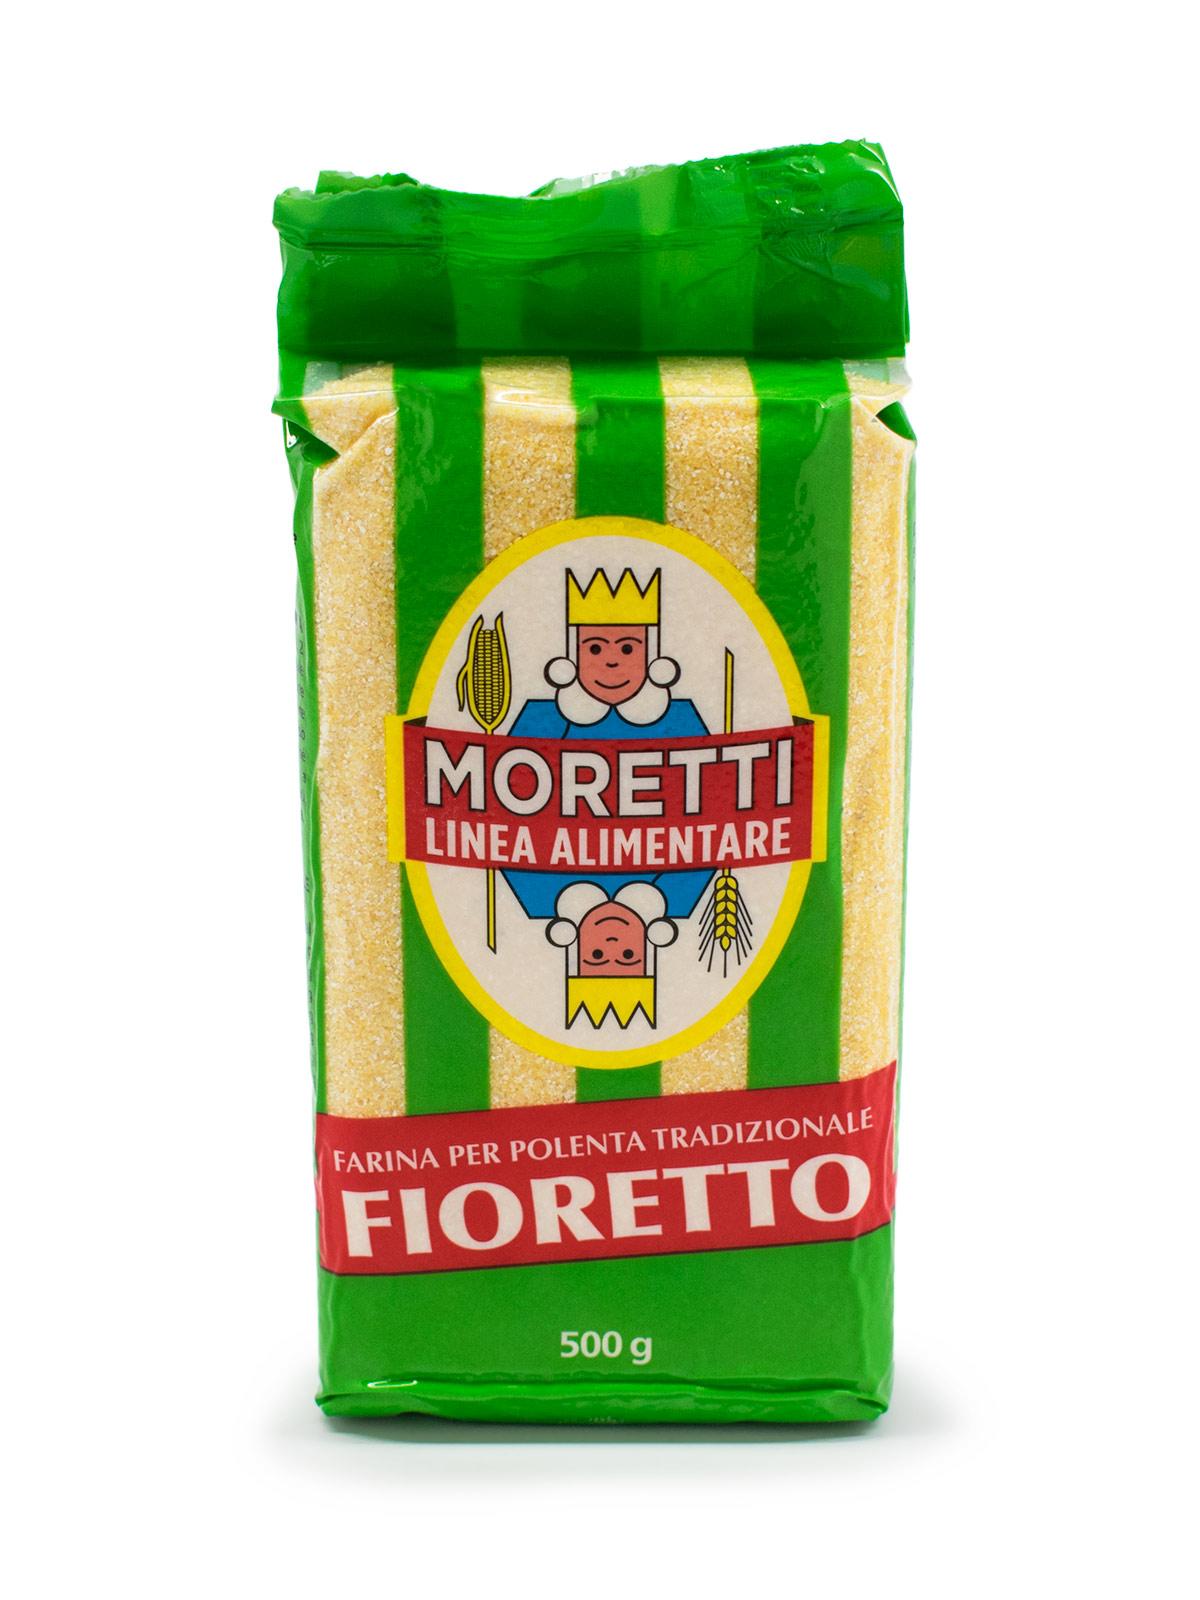 Moretti Fioretto Polenta - Pastas, Rice, and Grains - Buon'Italia